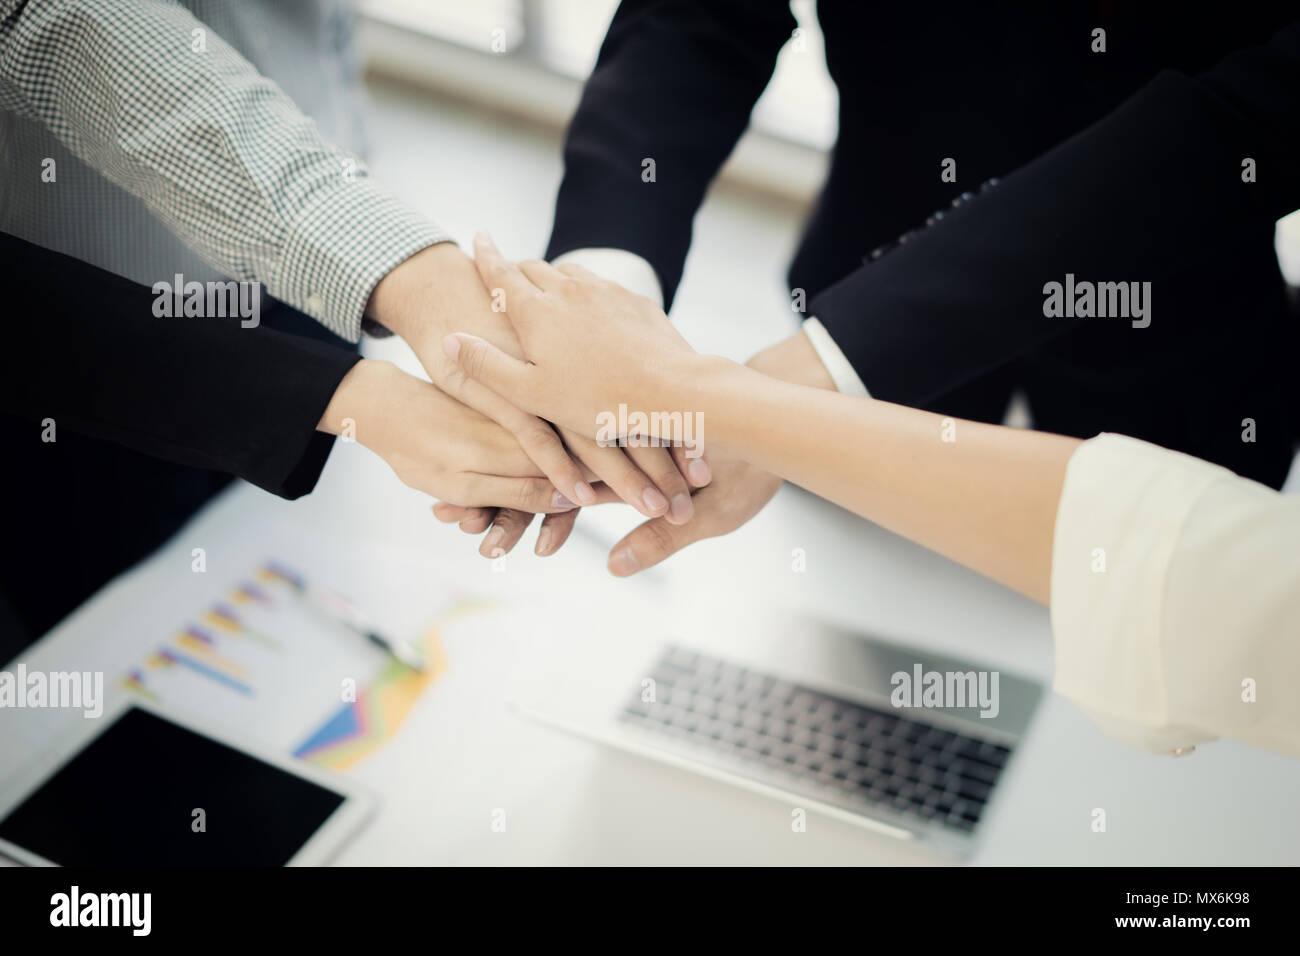 Close up Vue de dessus des jeunes gens d'affaires de mettre leurs mains ensemble. Pile de mains. L'unité et de l'équipe concept. Photo Stock